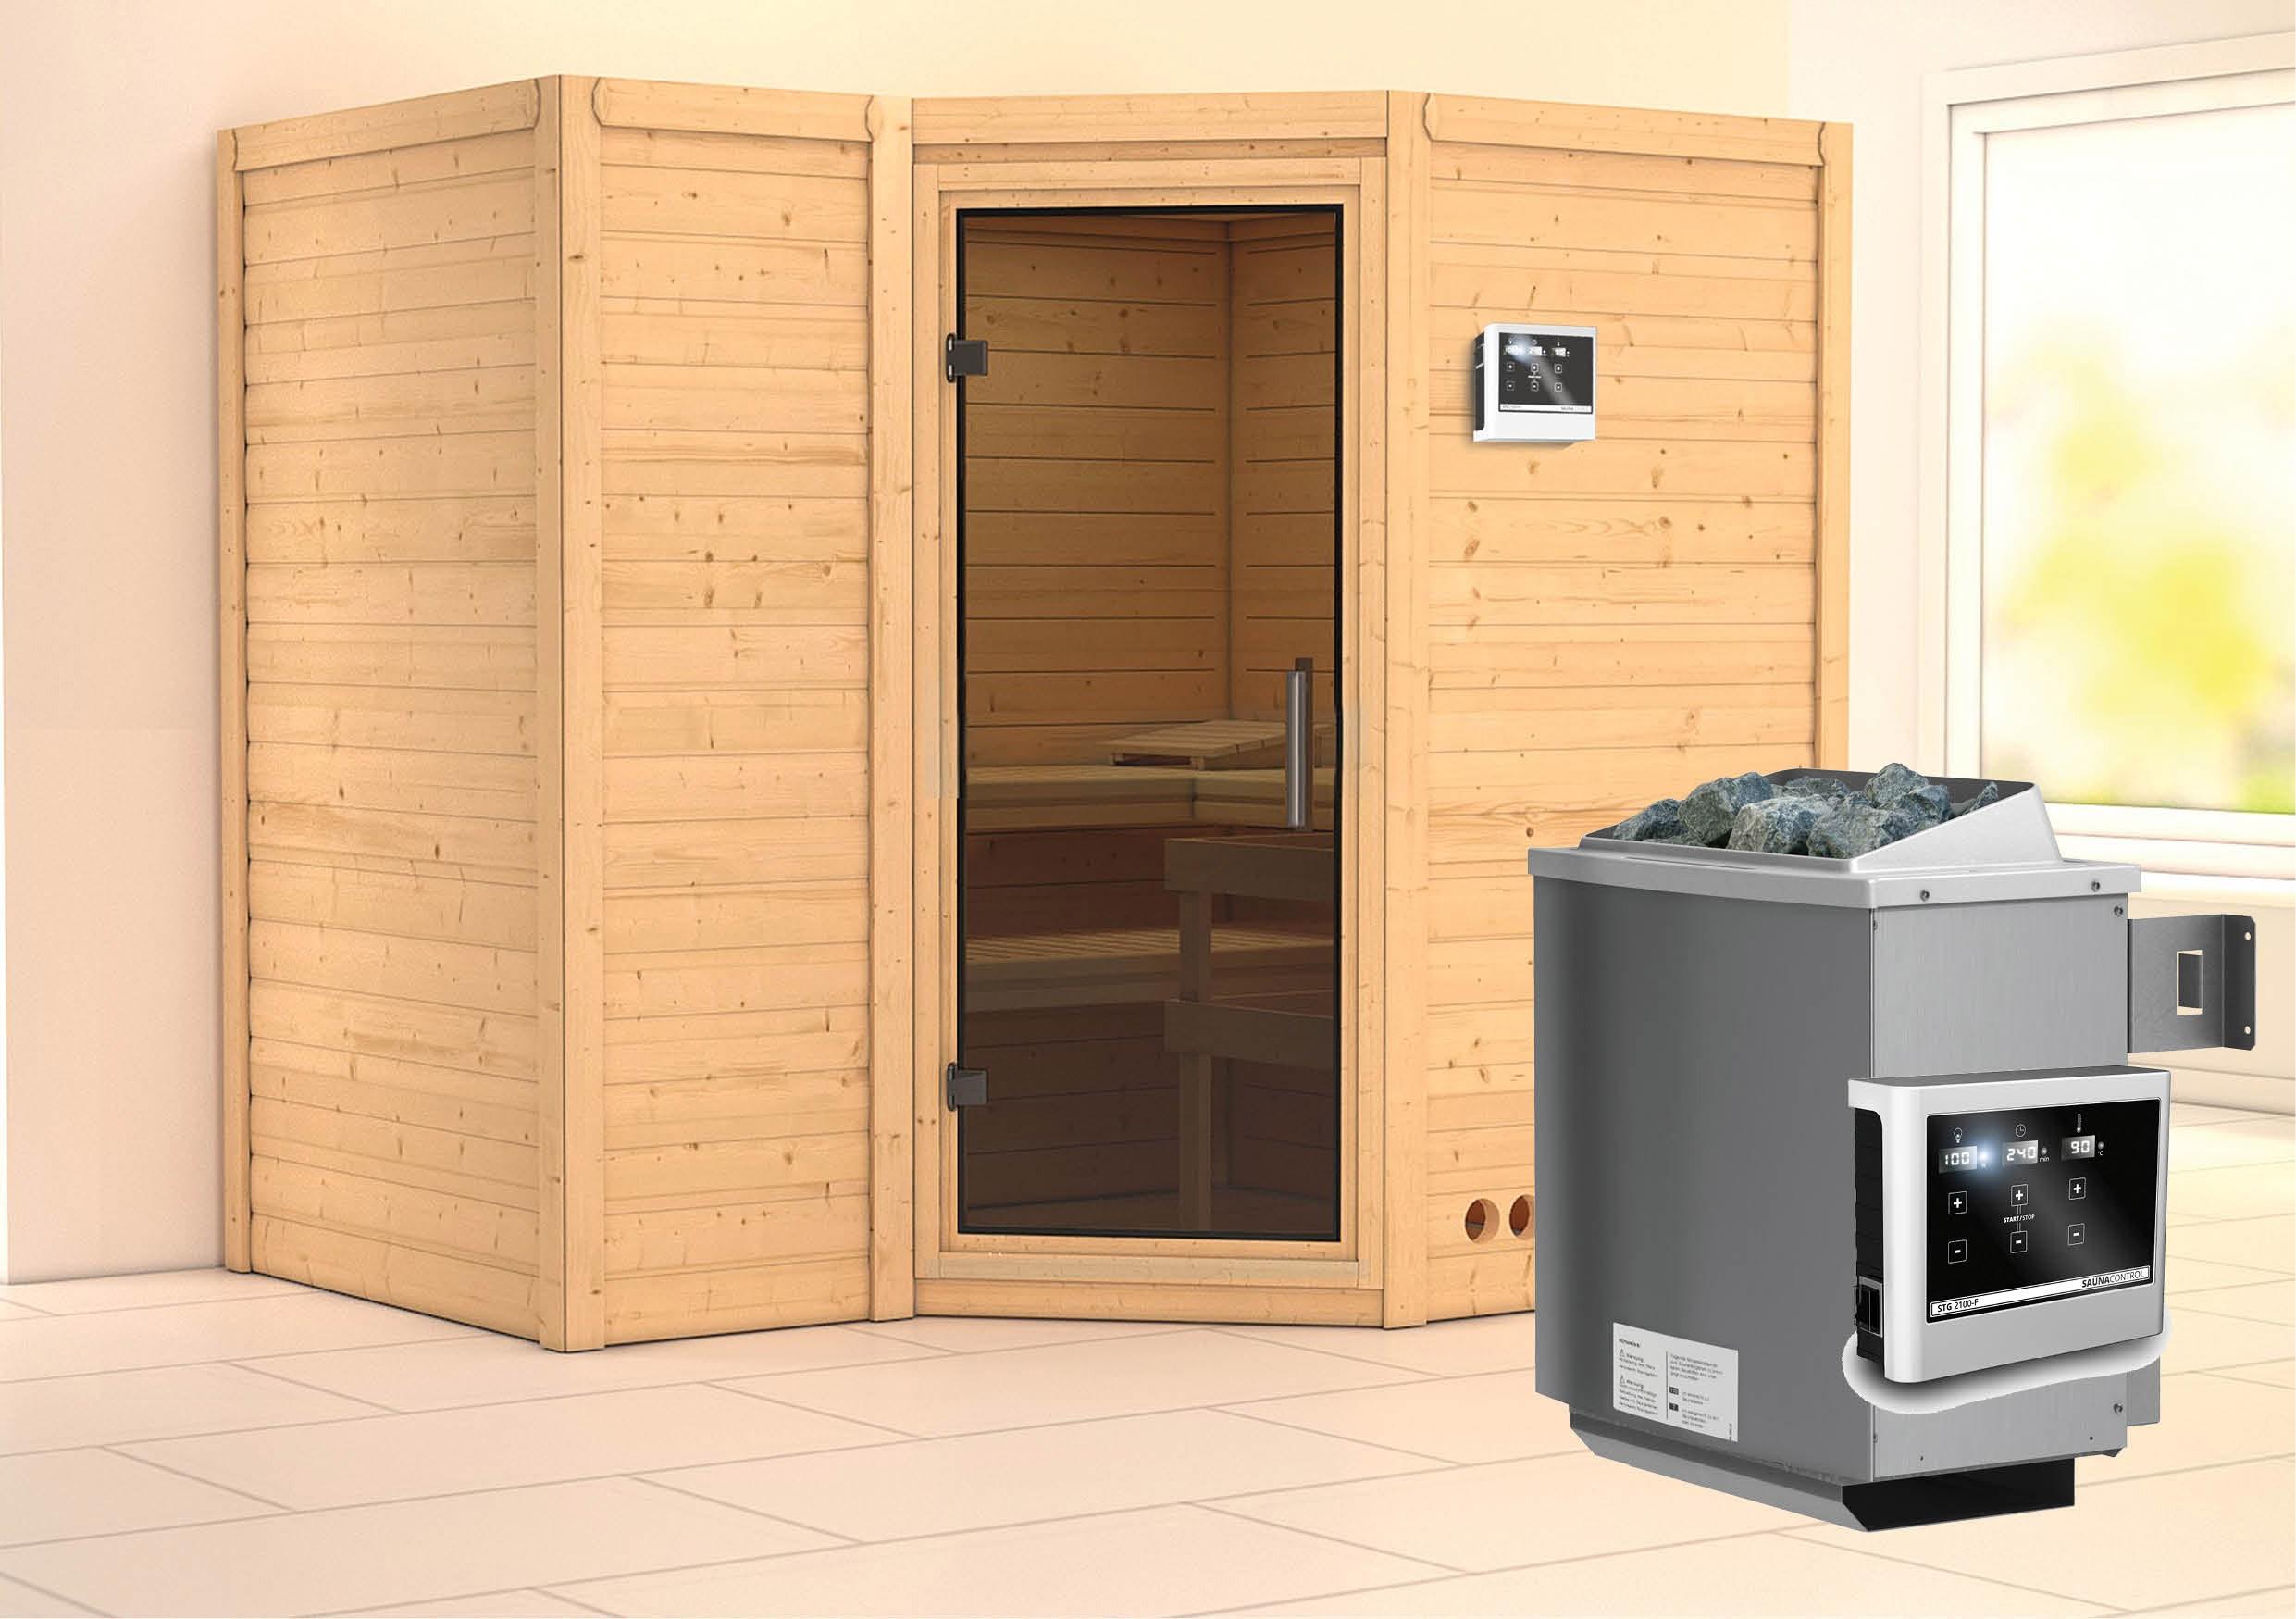 Karibu Sauna Sahib 2 40mm mit Ofen 9kW extern moderne Tür Bild 1